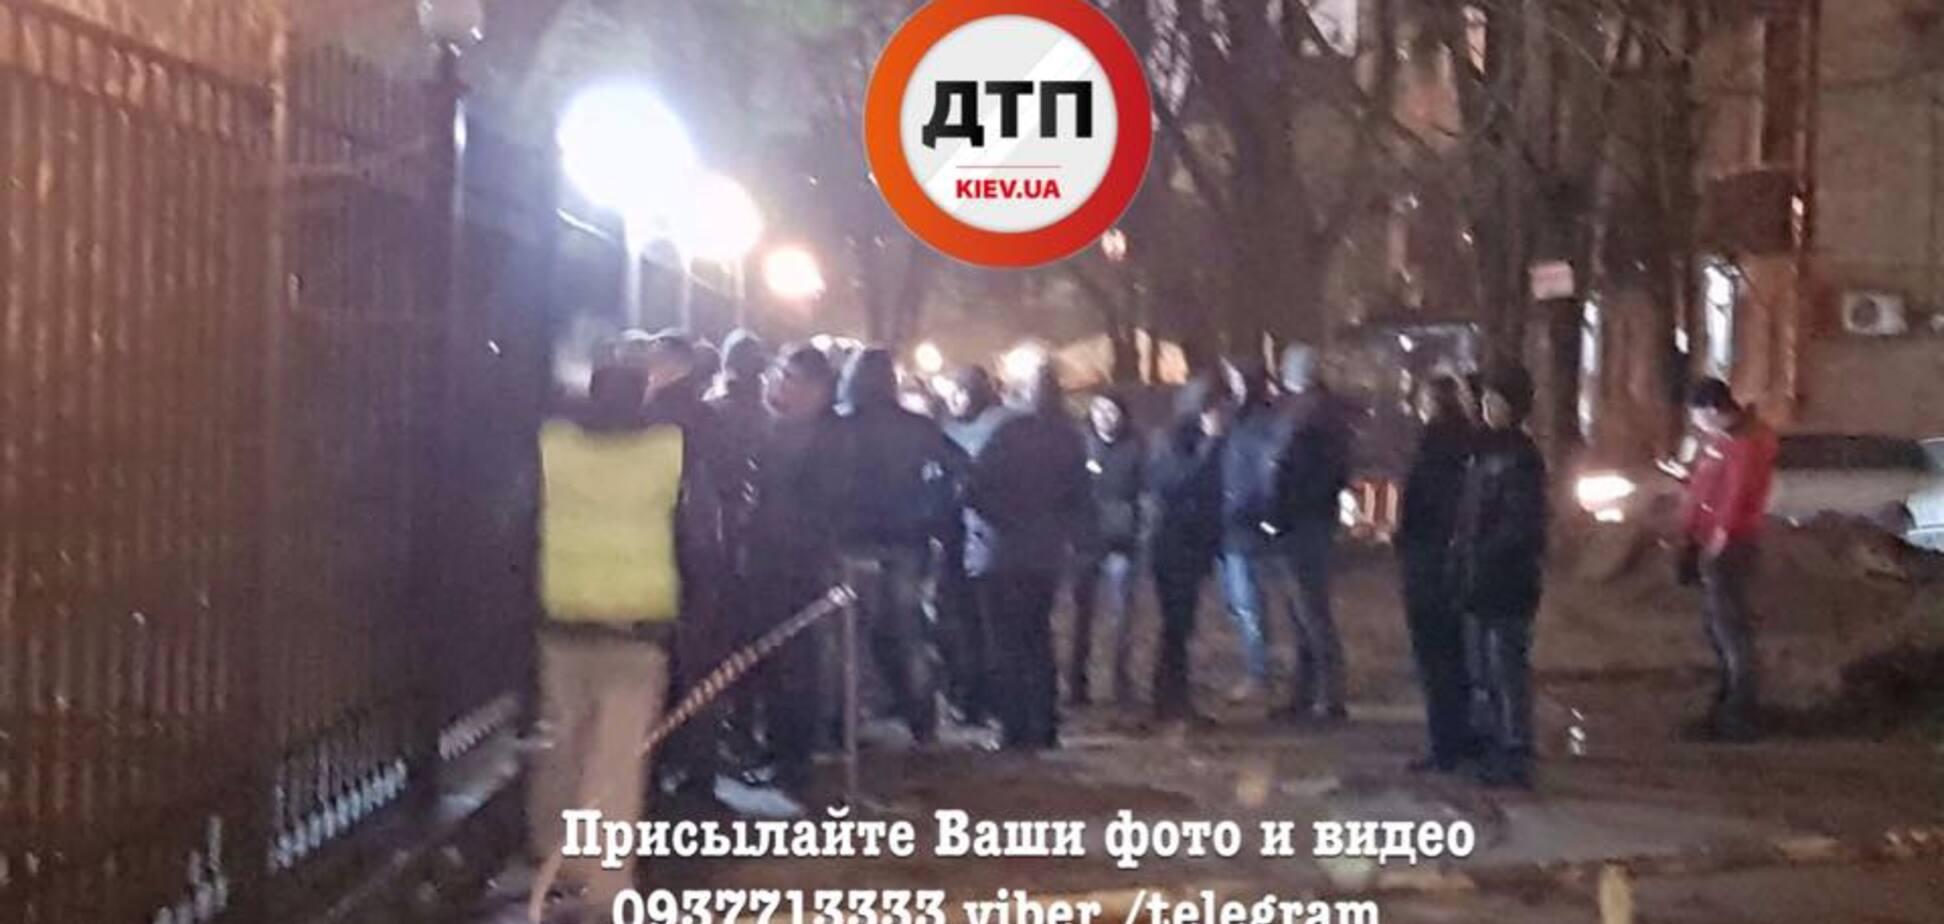 У Києві водії на 'євробляхах' влаштували блокаду райвідділу поліції: з'явилися фото і відео